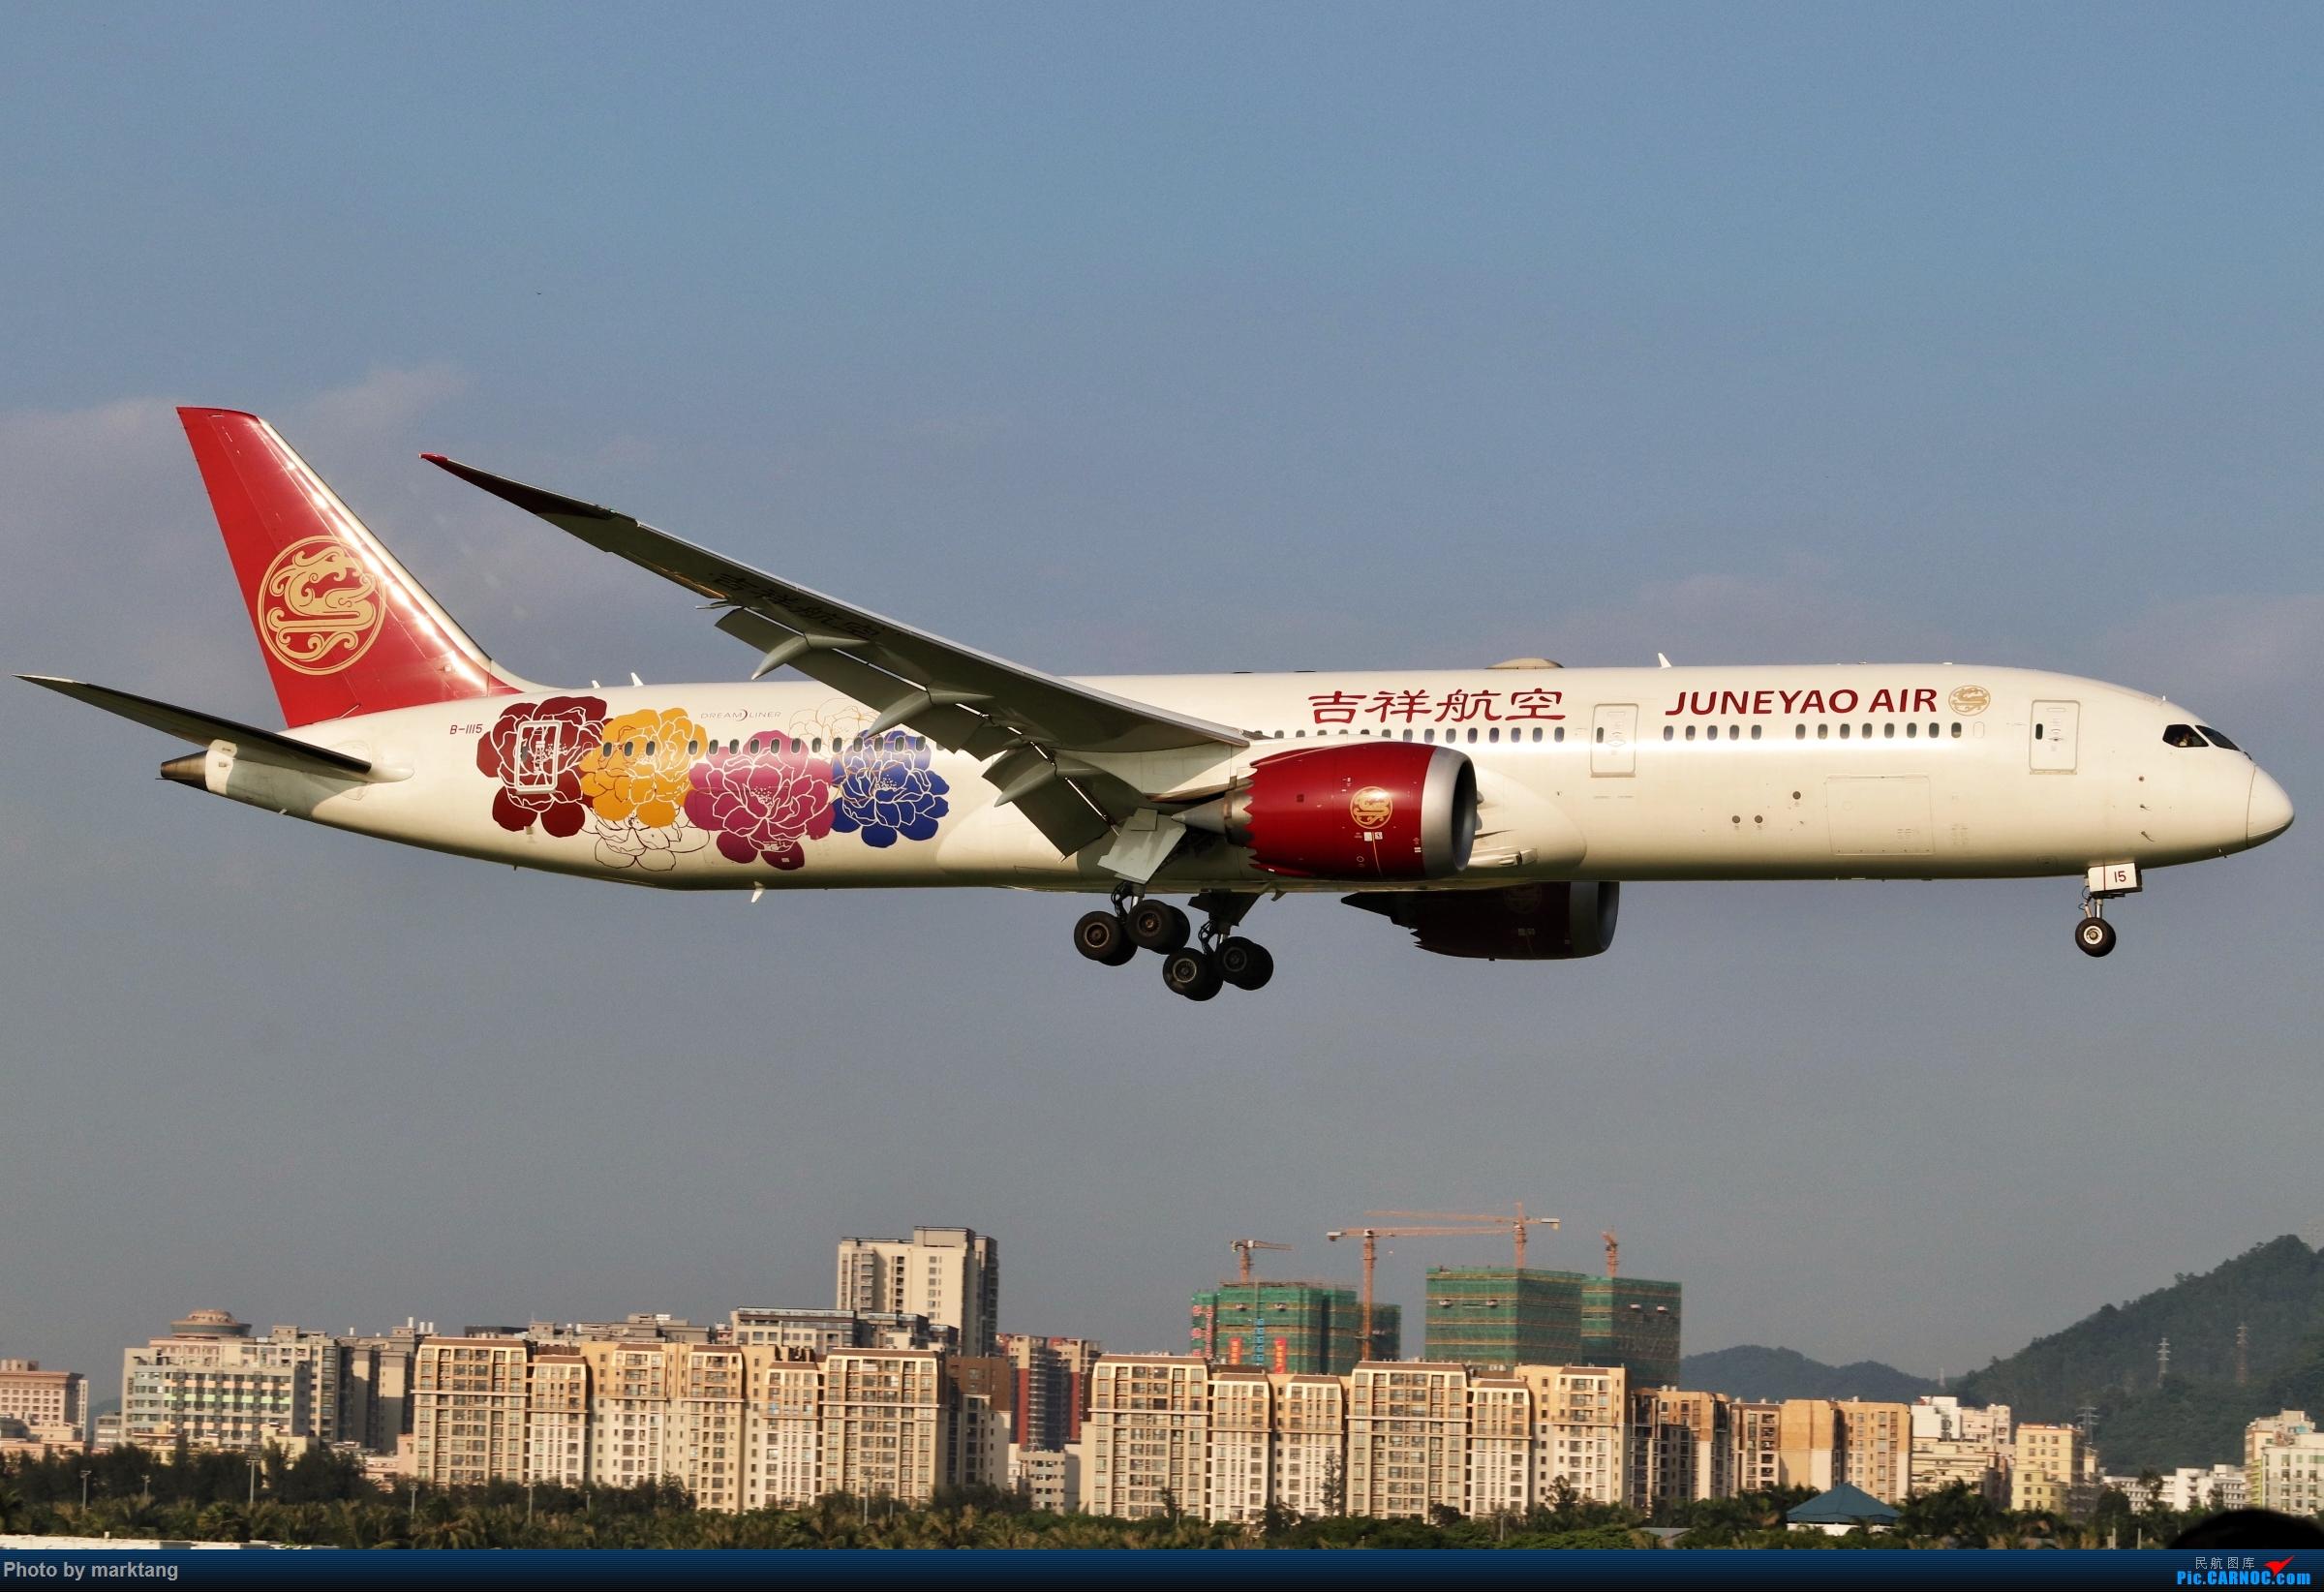 [原创]吉祥航空 波音787-9 BOEING 787-9 B-1115 中国深圳宝安国际机场